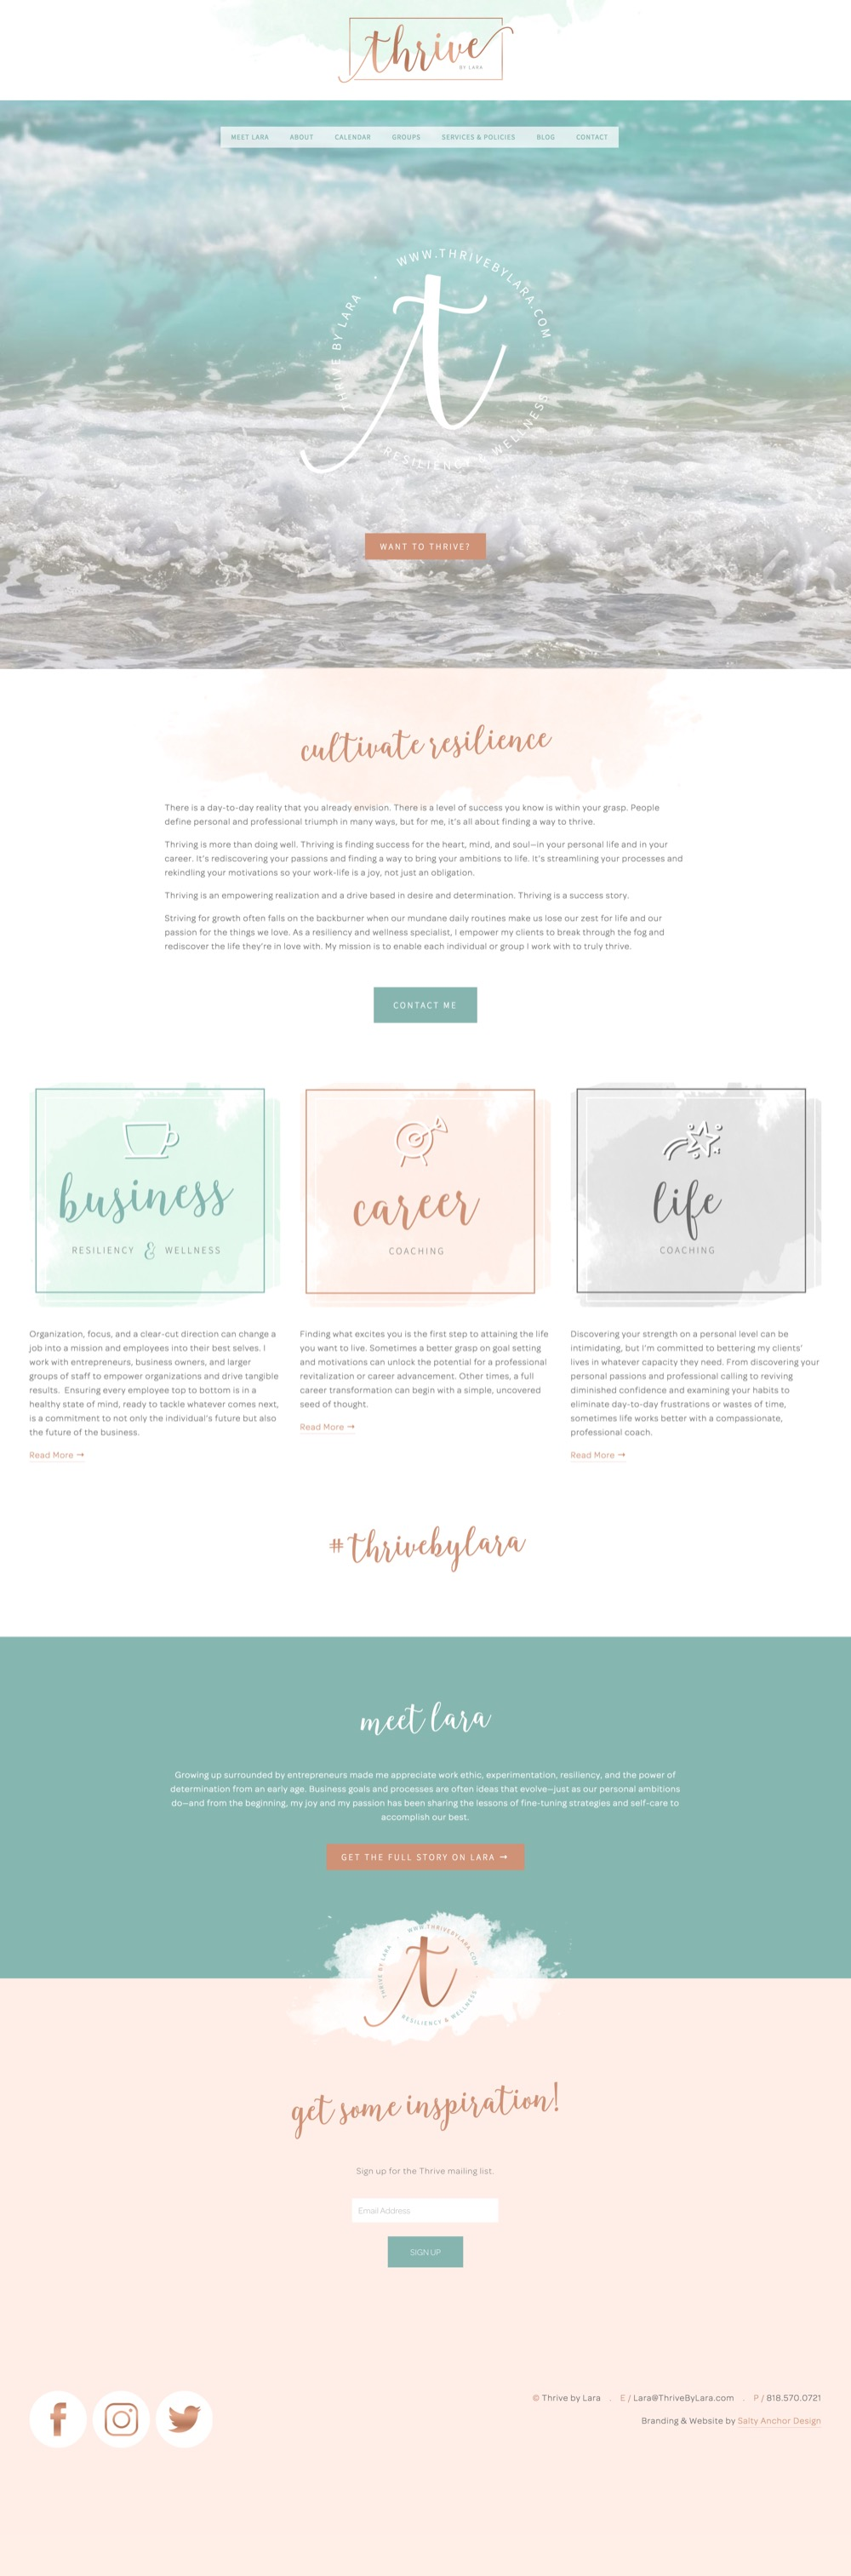 Squarespace Website Design Brand Design For Web